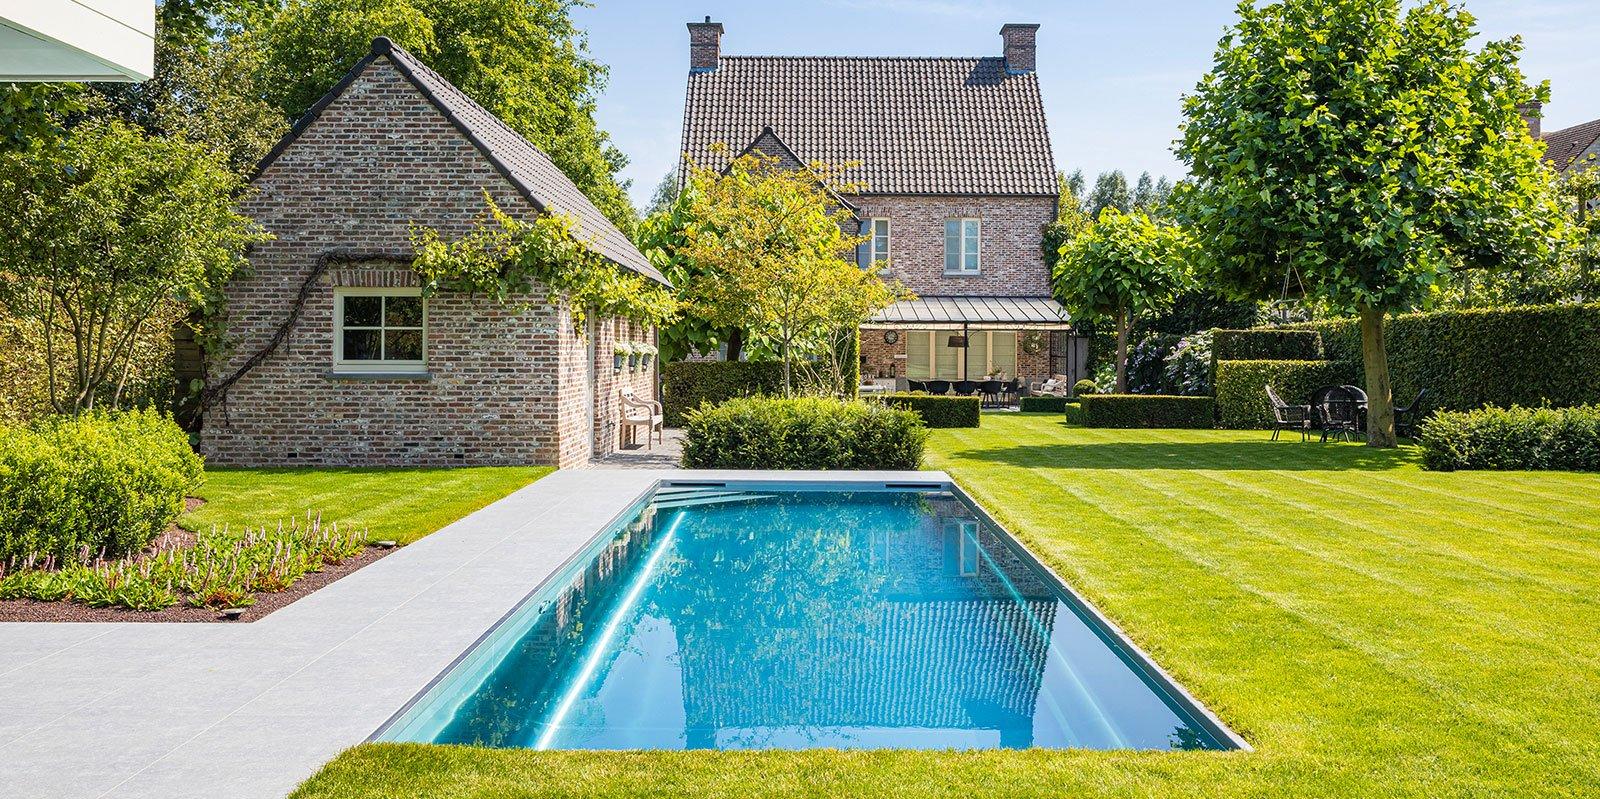 Zwembad in de tuin, Nouveau, zwembad, tuin, groen, the Art of Living